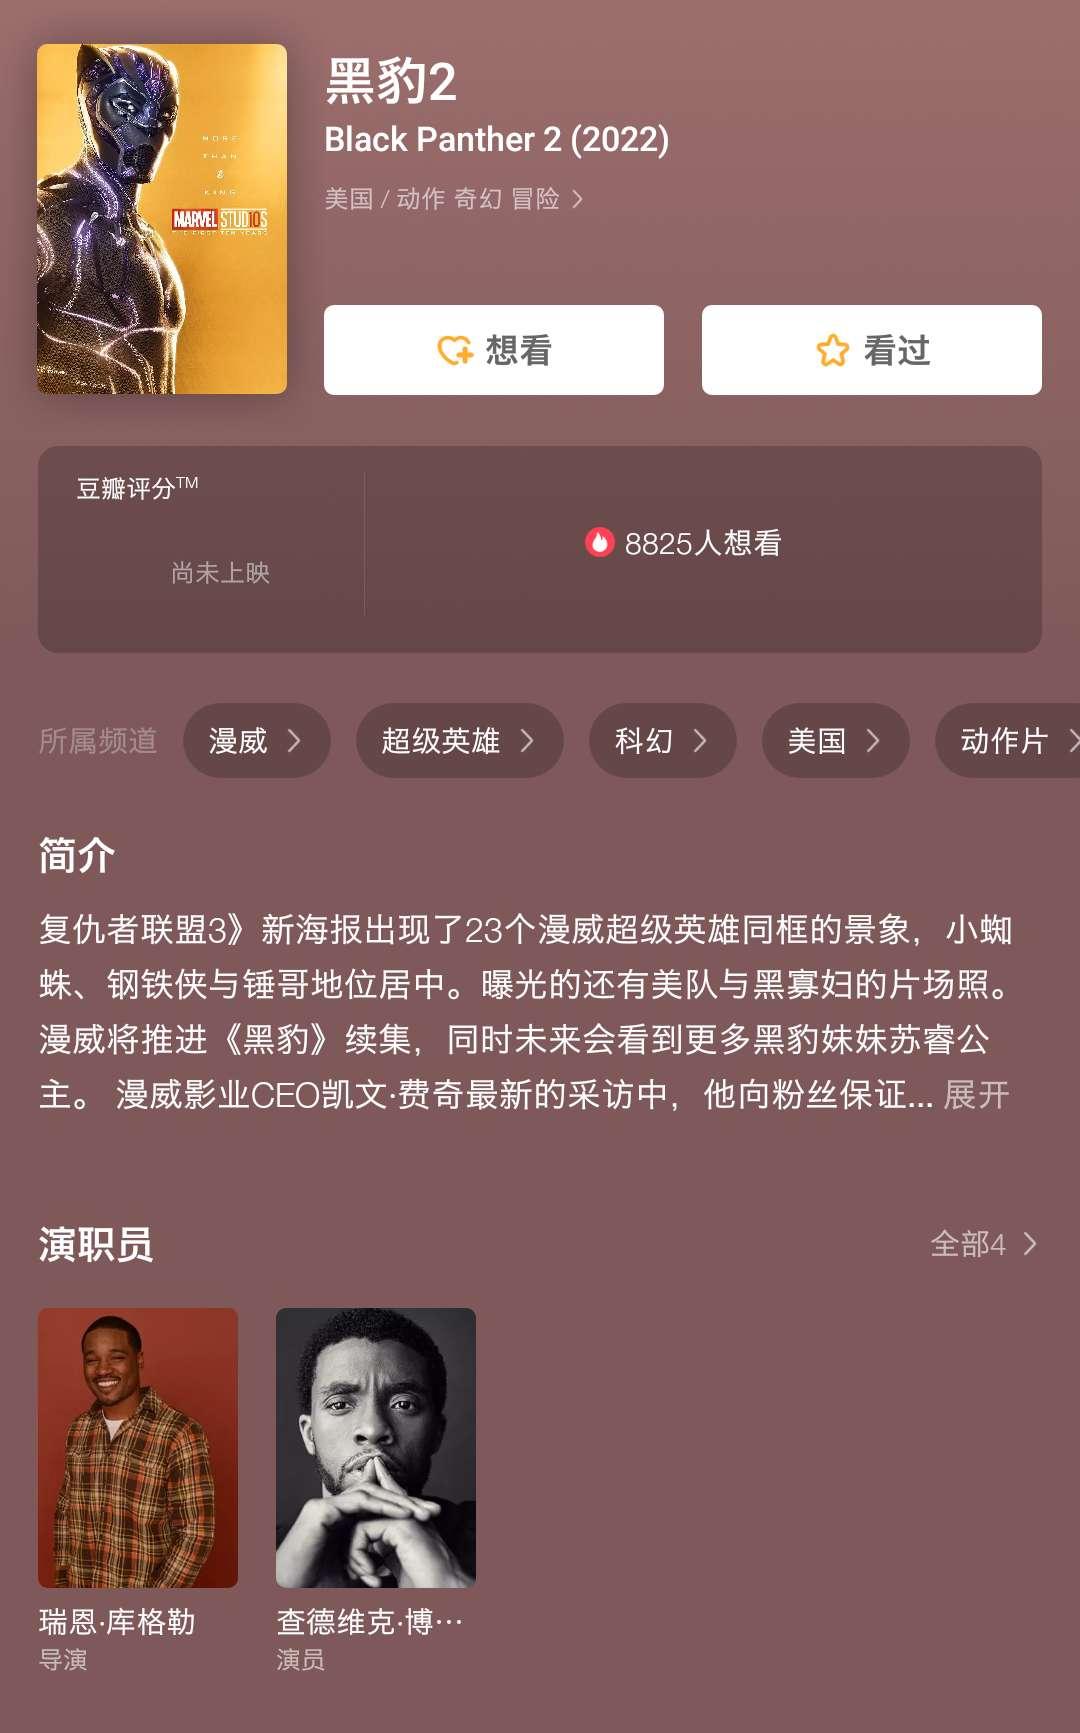 漫威宇宙下一个十年,第四阶段电影,梁朝伟饰演傅满洲